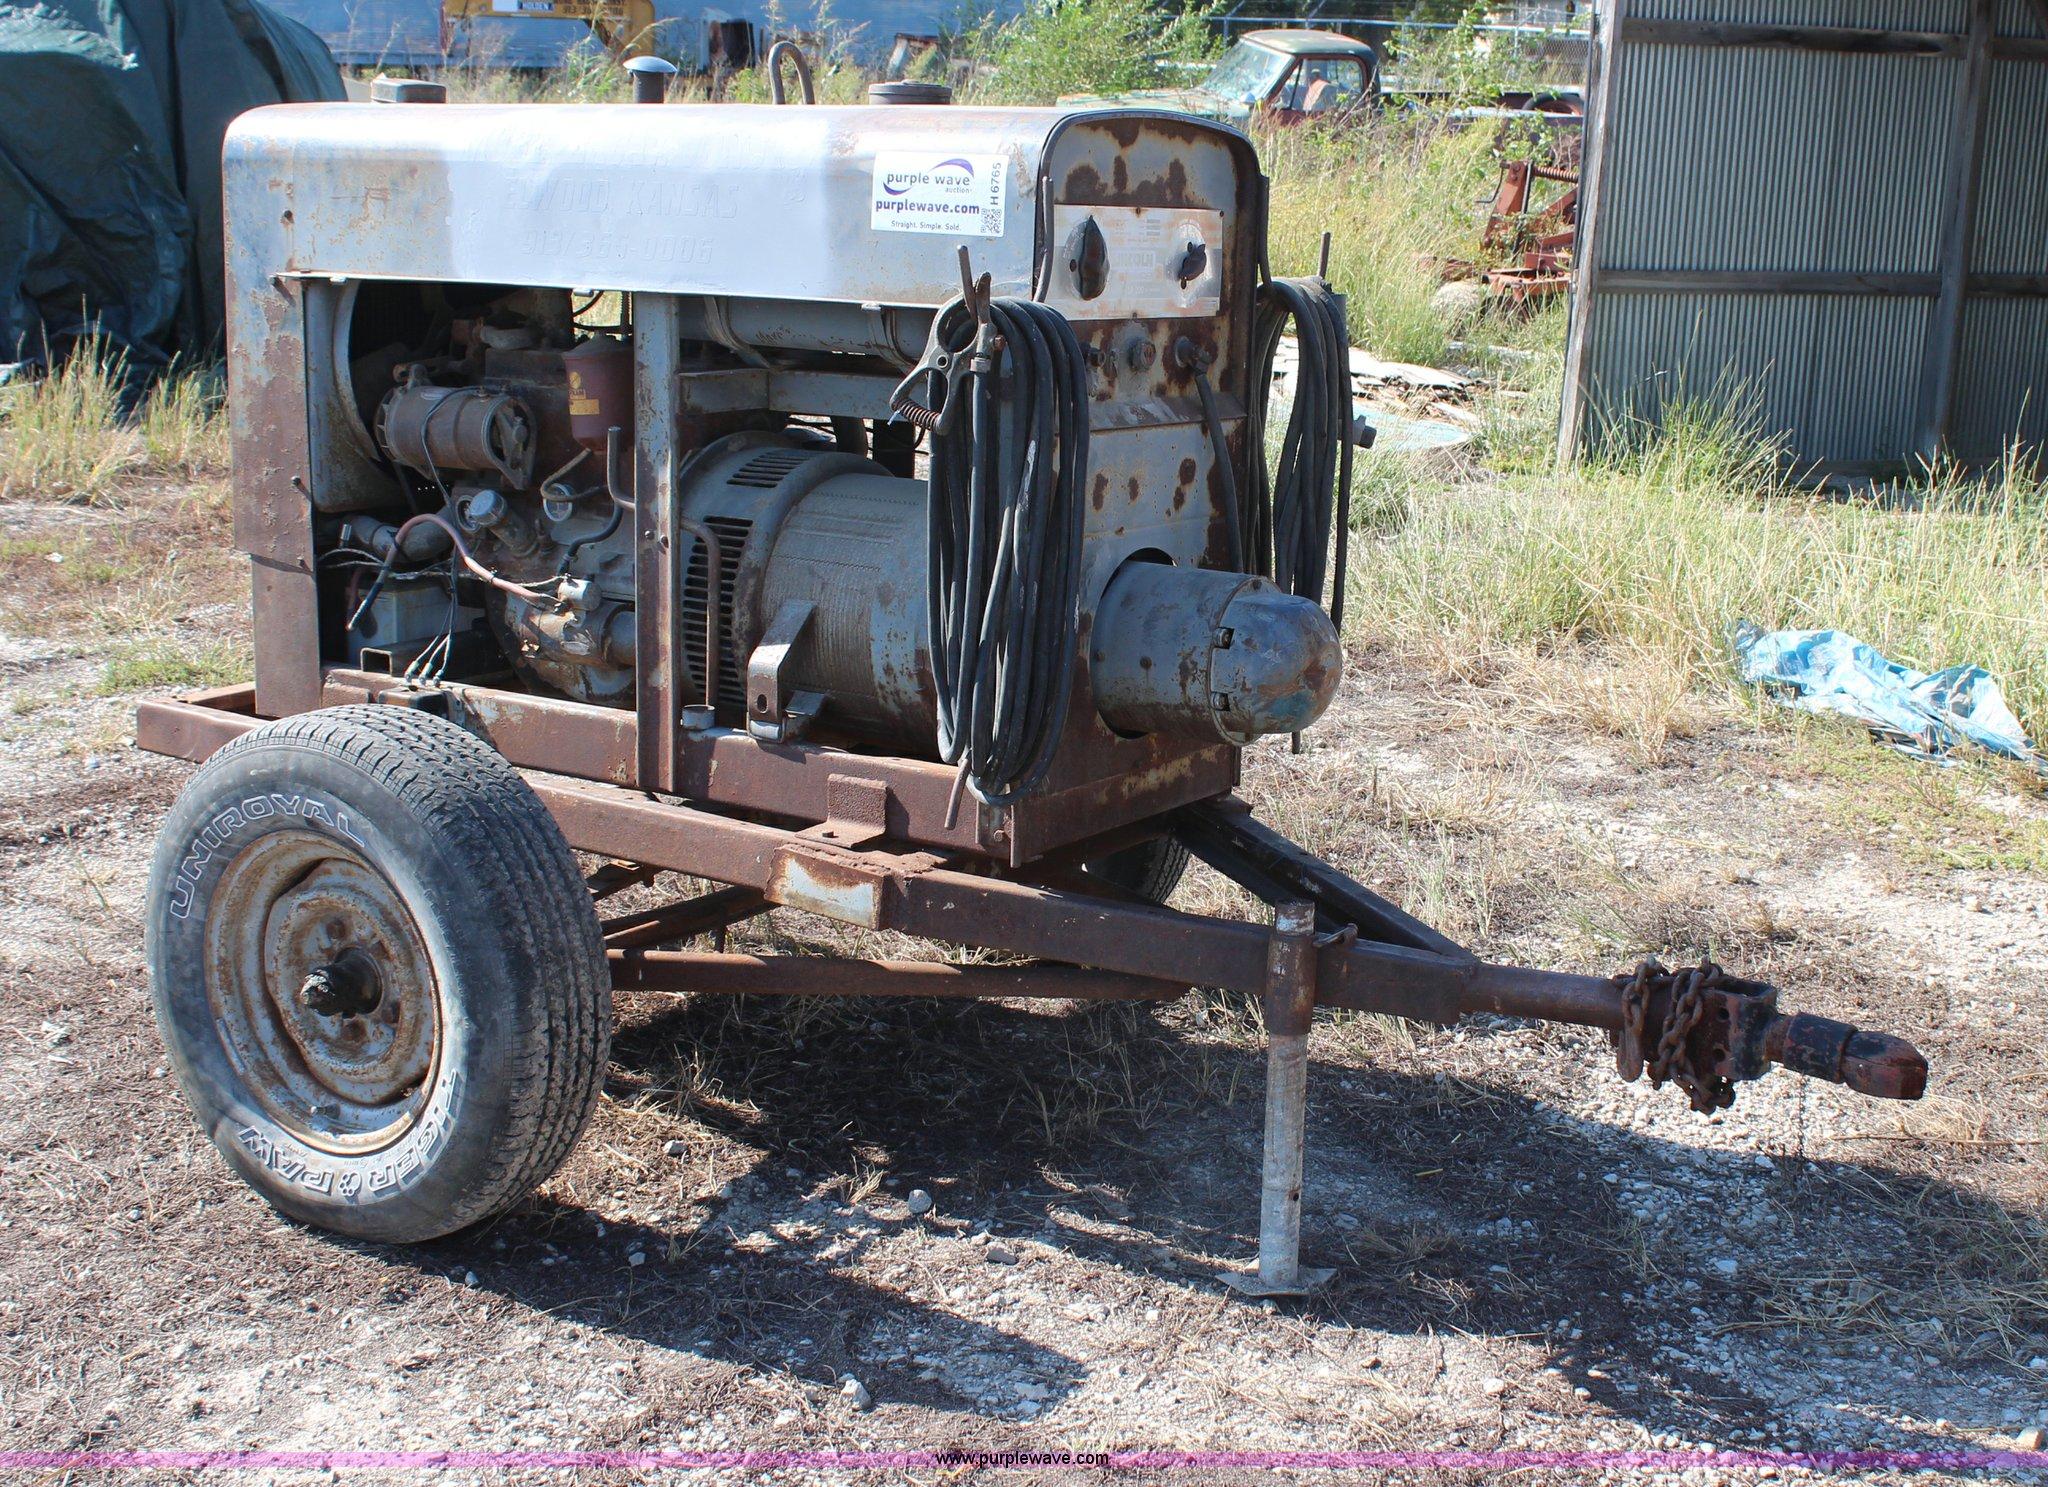 Lincoln 200 Pipeliner Welding Machines Welders For Sale Sa Pipeline Welder Item Sold October 2048x1487